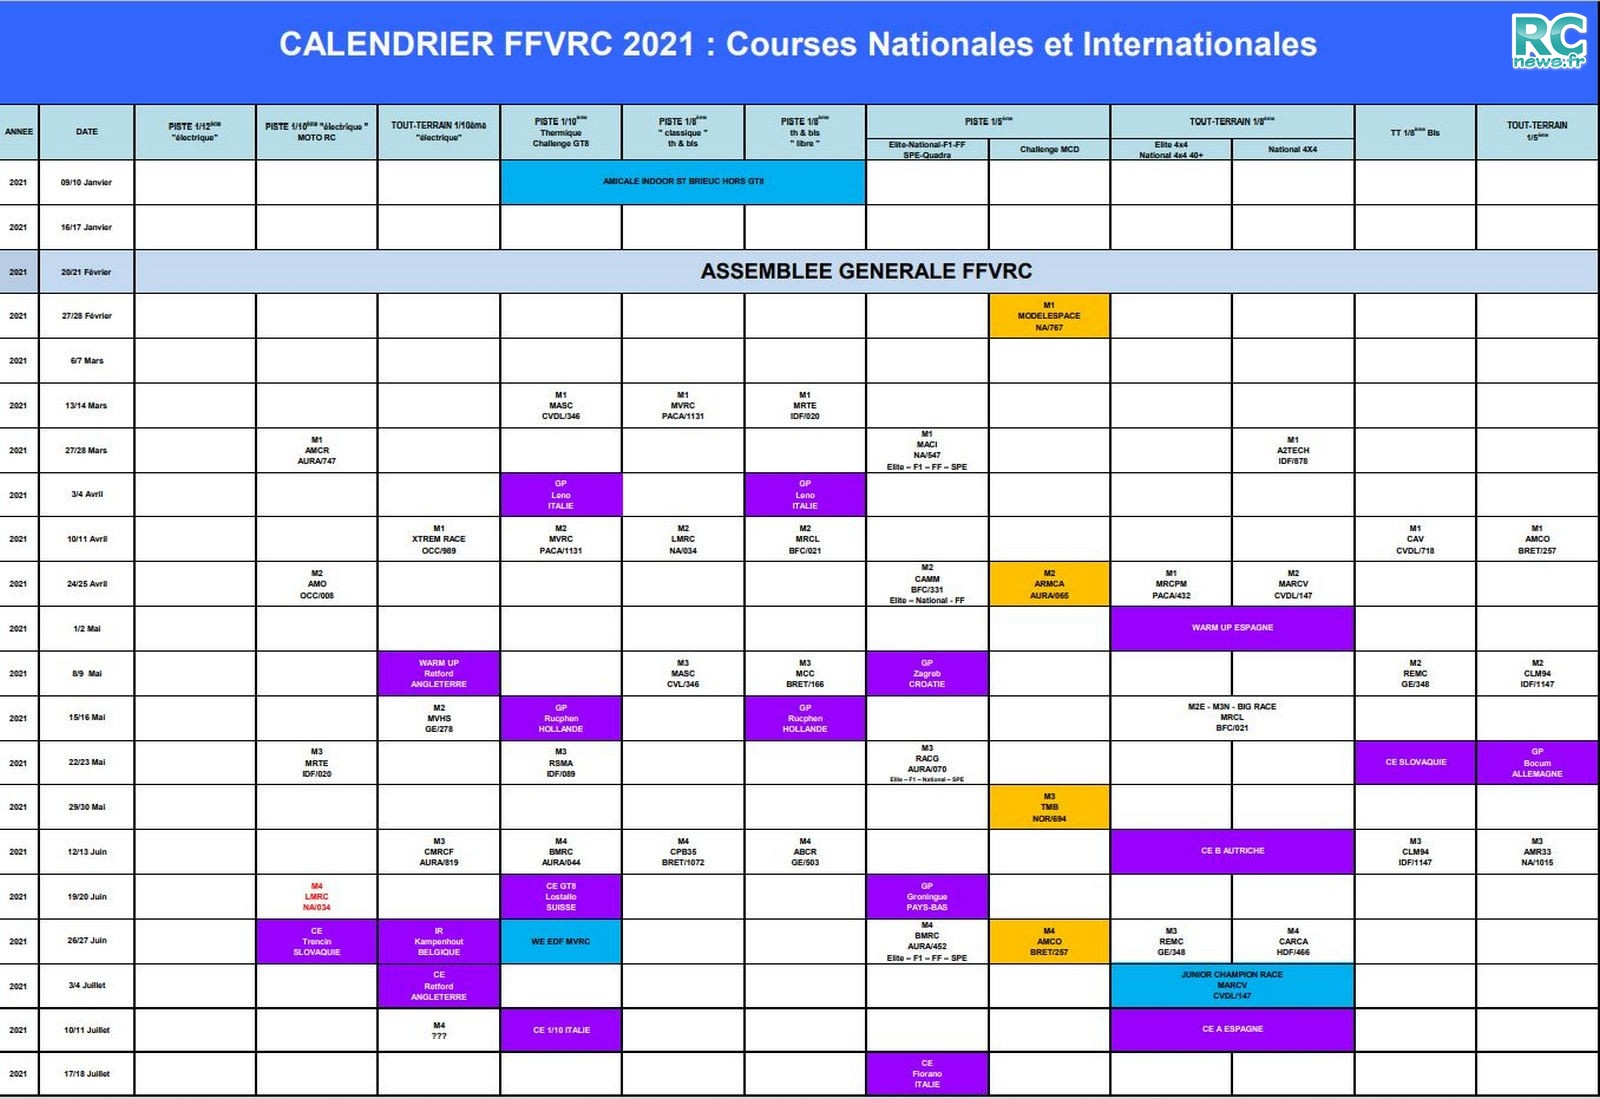 Ffvrc Calendrier 2021 Calendrier FFVRC 2021 | RCmag   Le Web Magazine du Modelisme RC